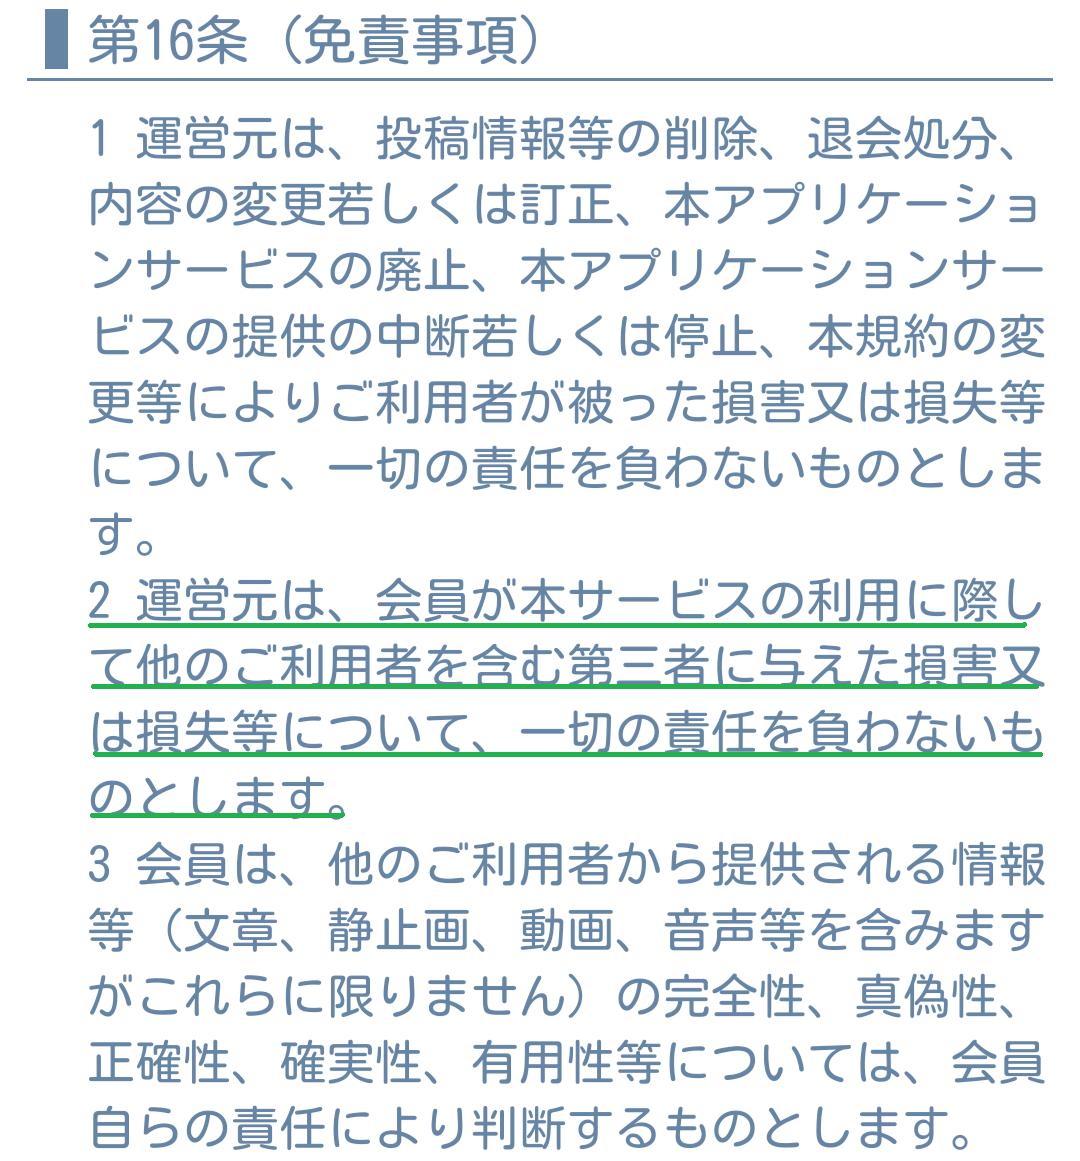 マッチングアプリの決定版〜マッチ島〜の利用規約